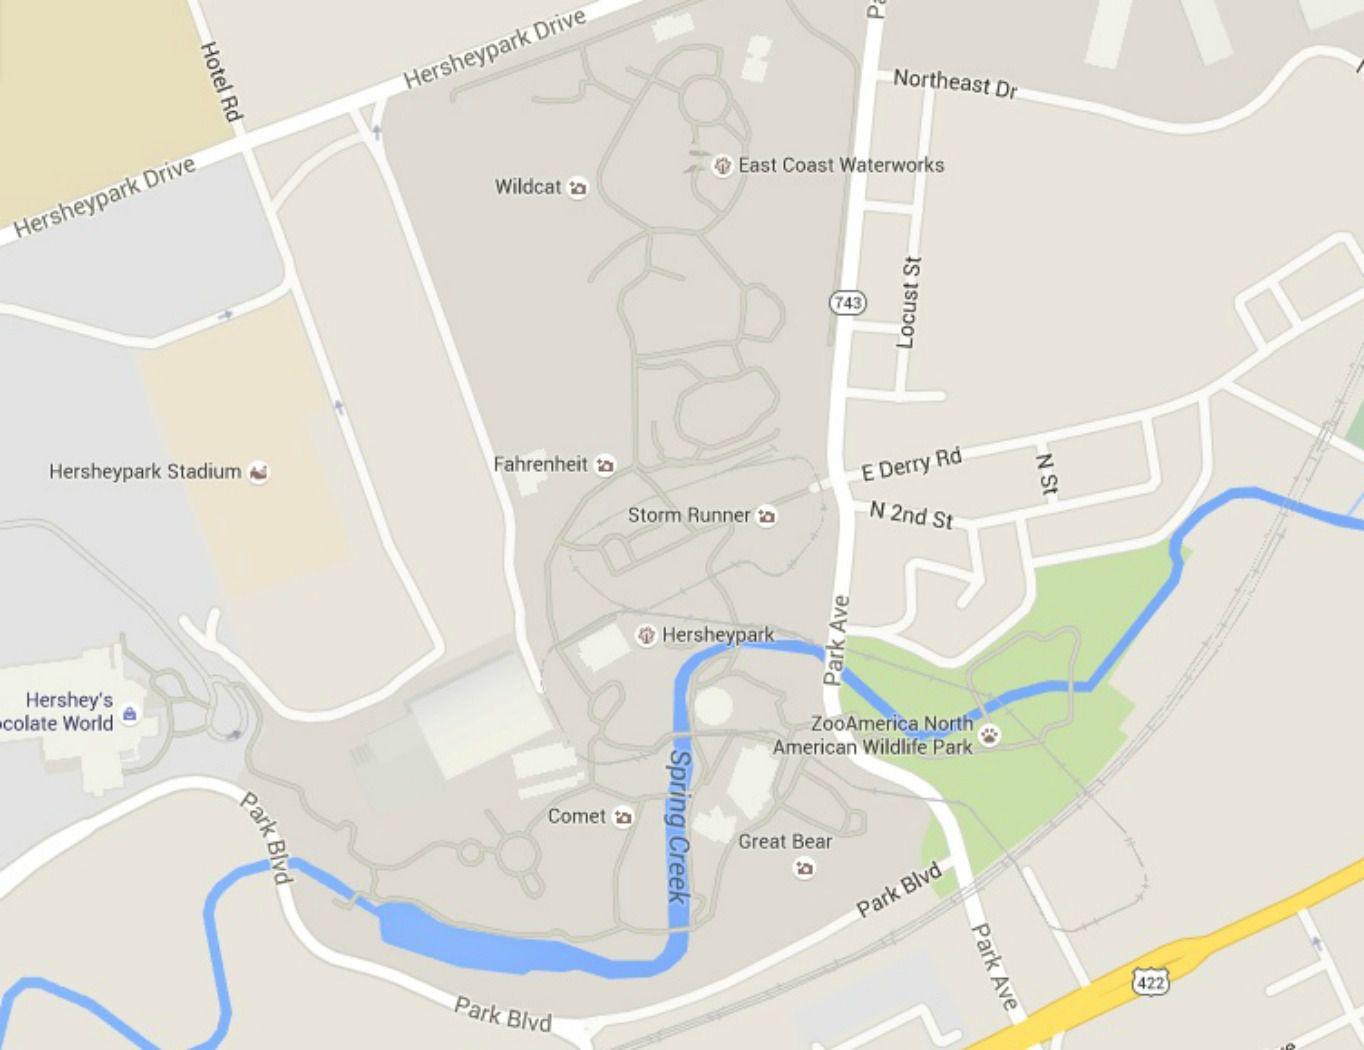 Maps of Hershey and Hersheypark, Pennsylvania